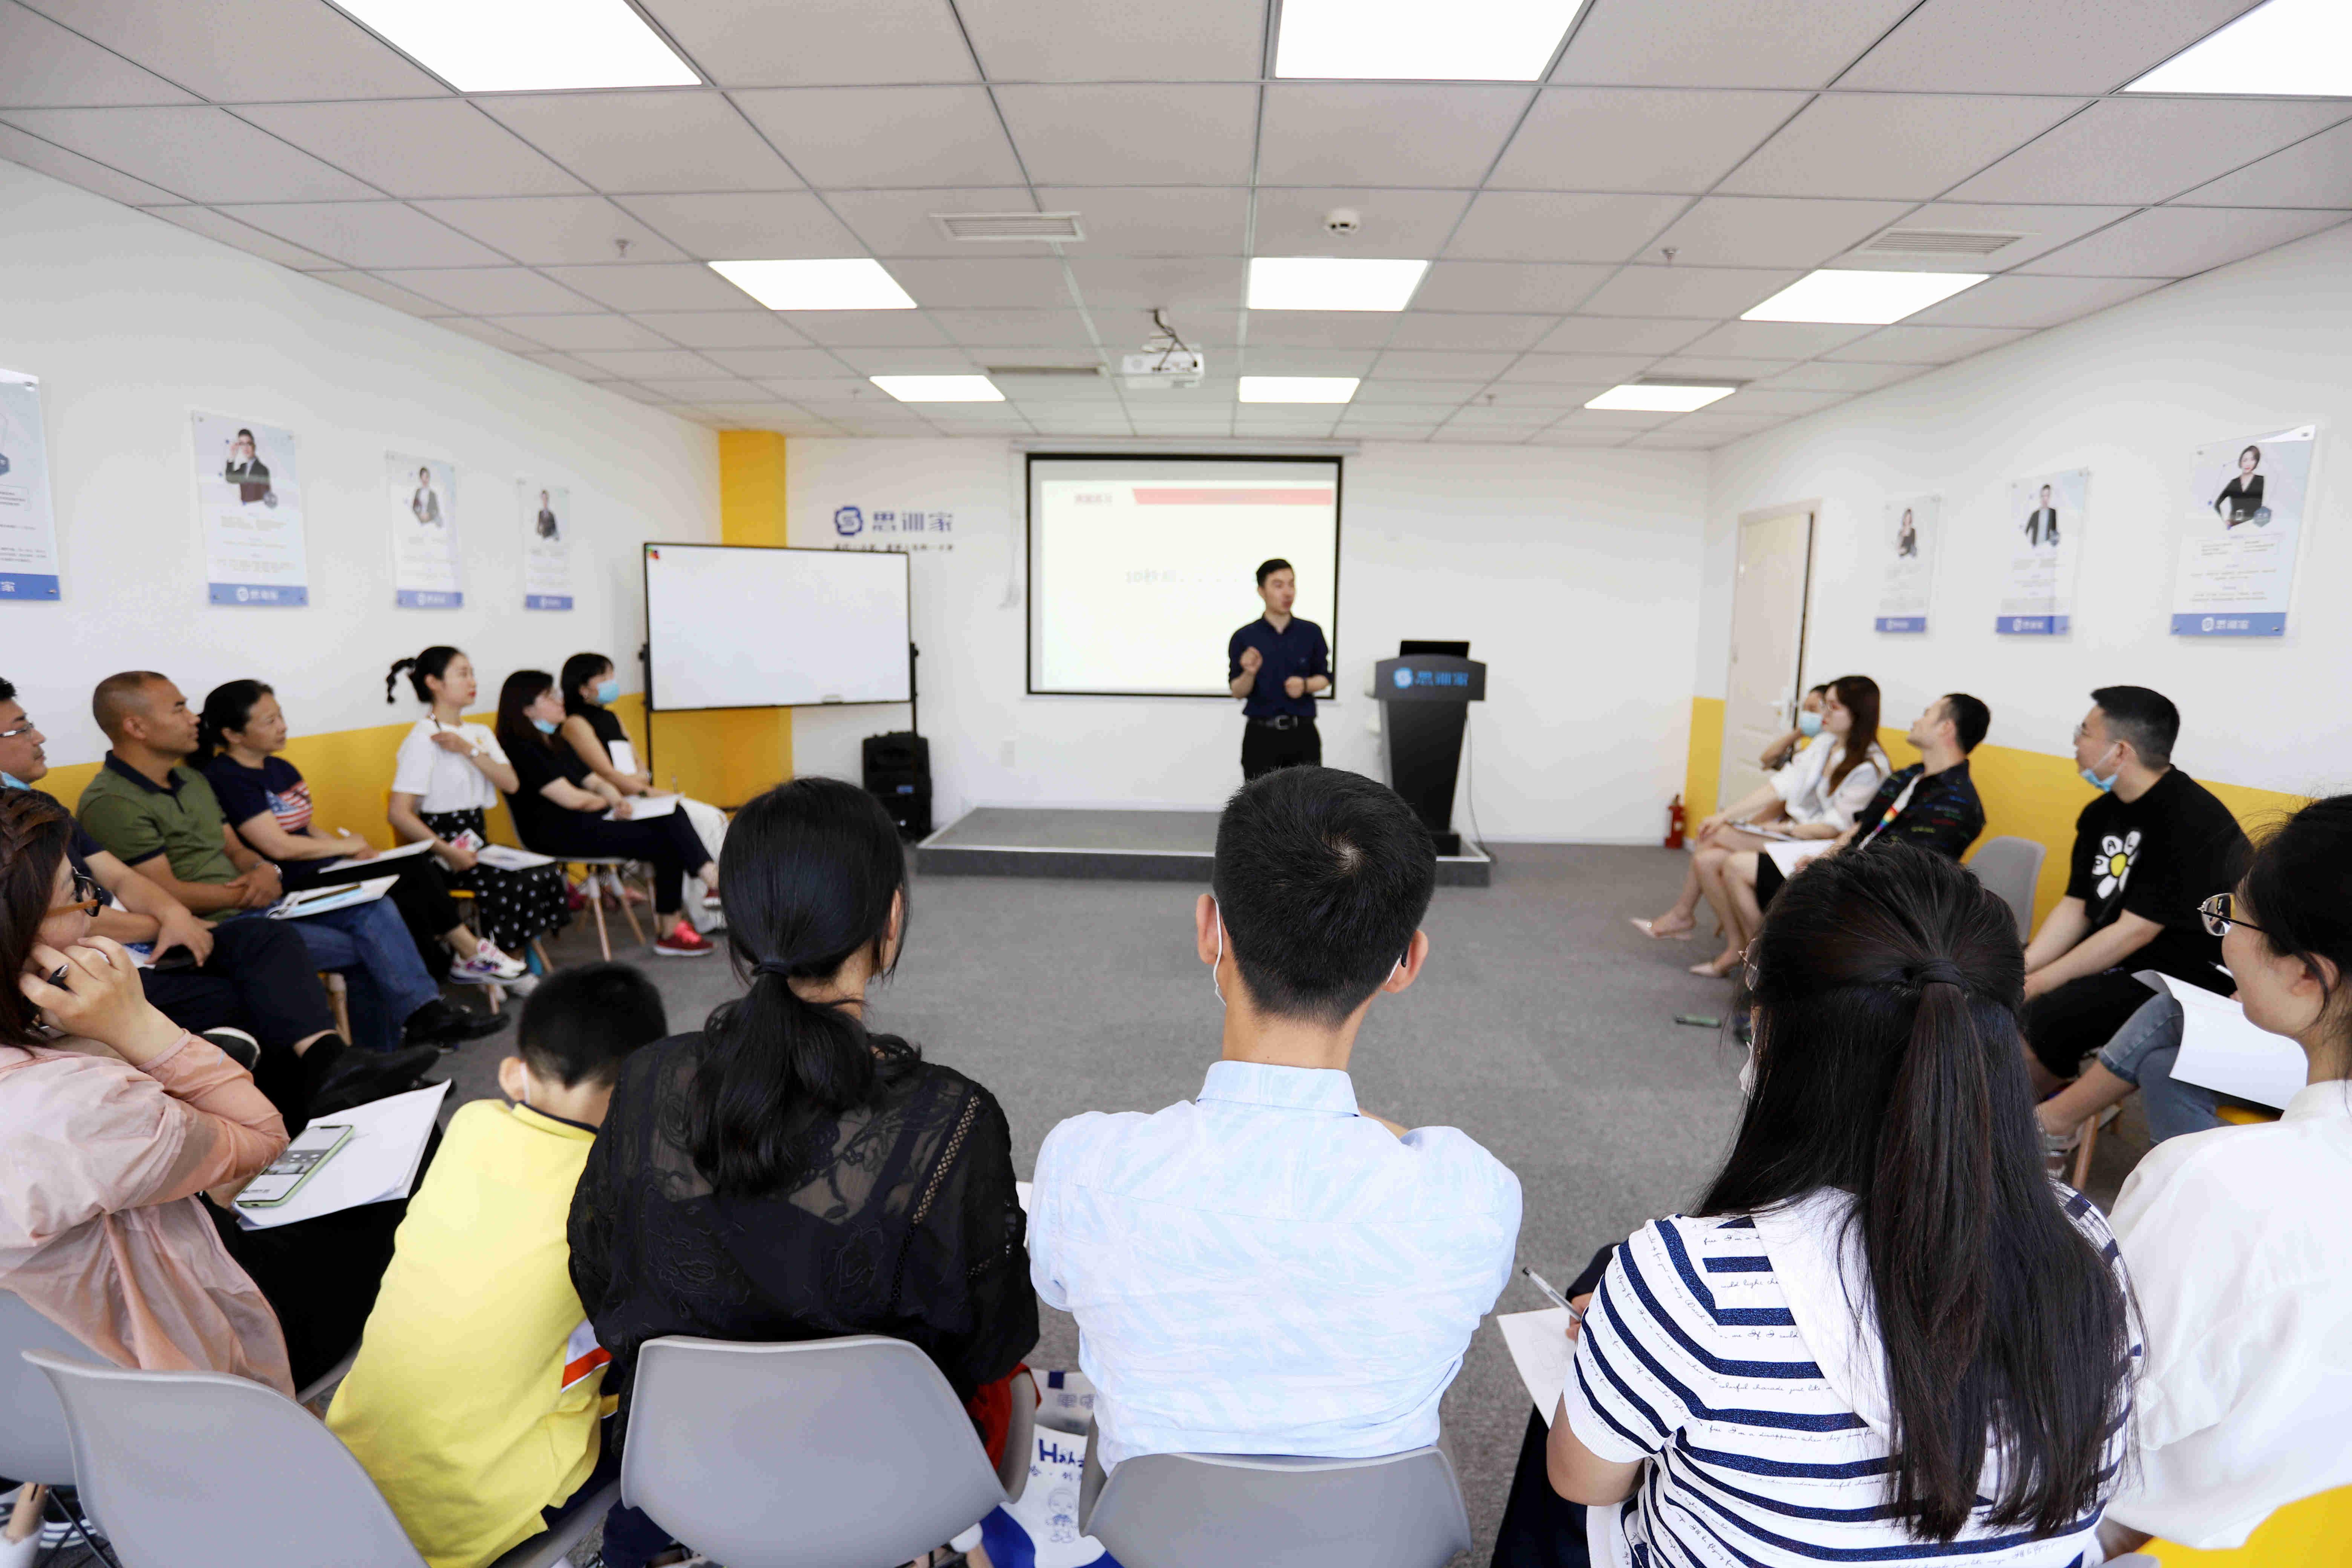 專業口才培訓中心_銷售職業培訓-杭州思訓家教育科技有限公司